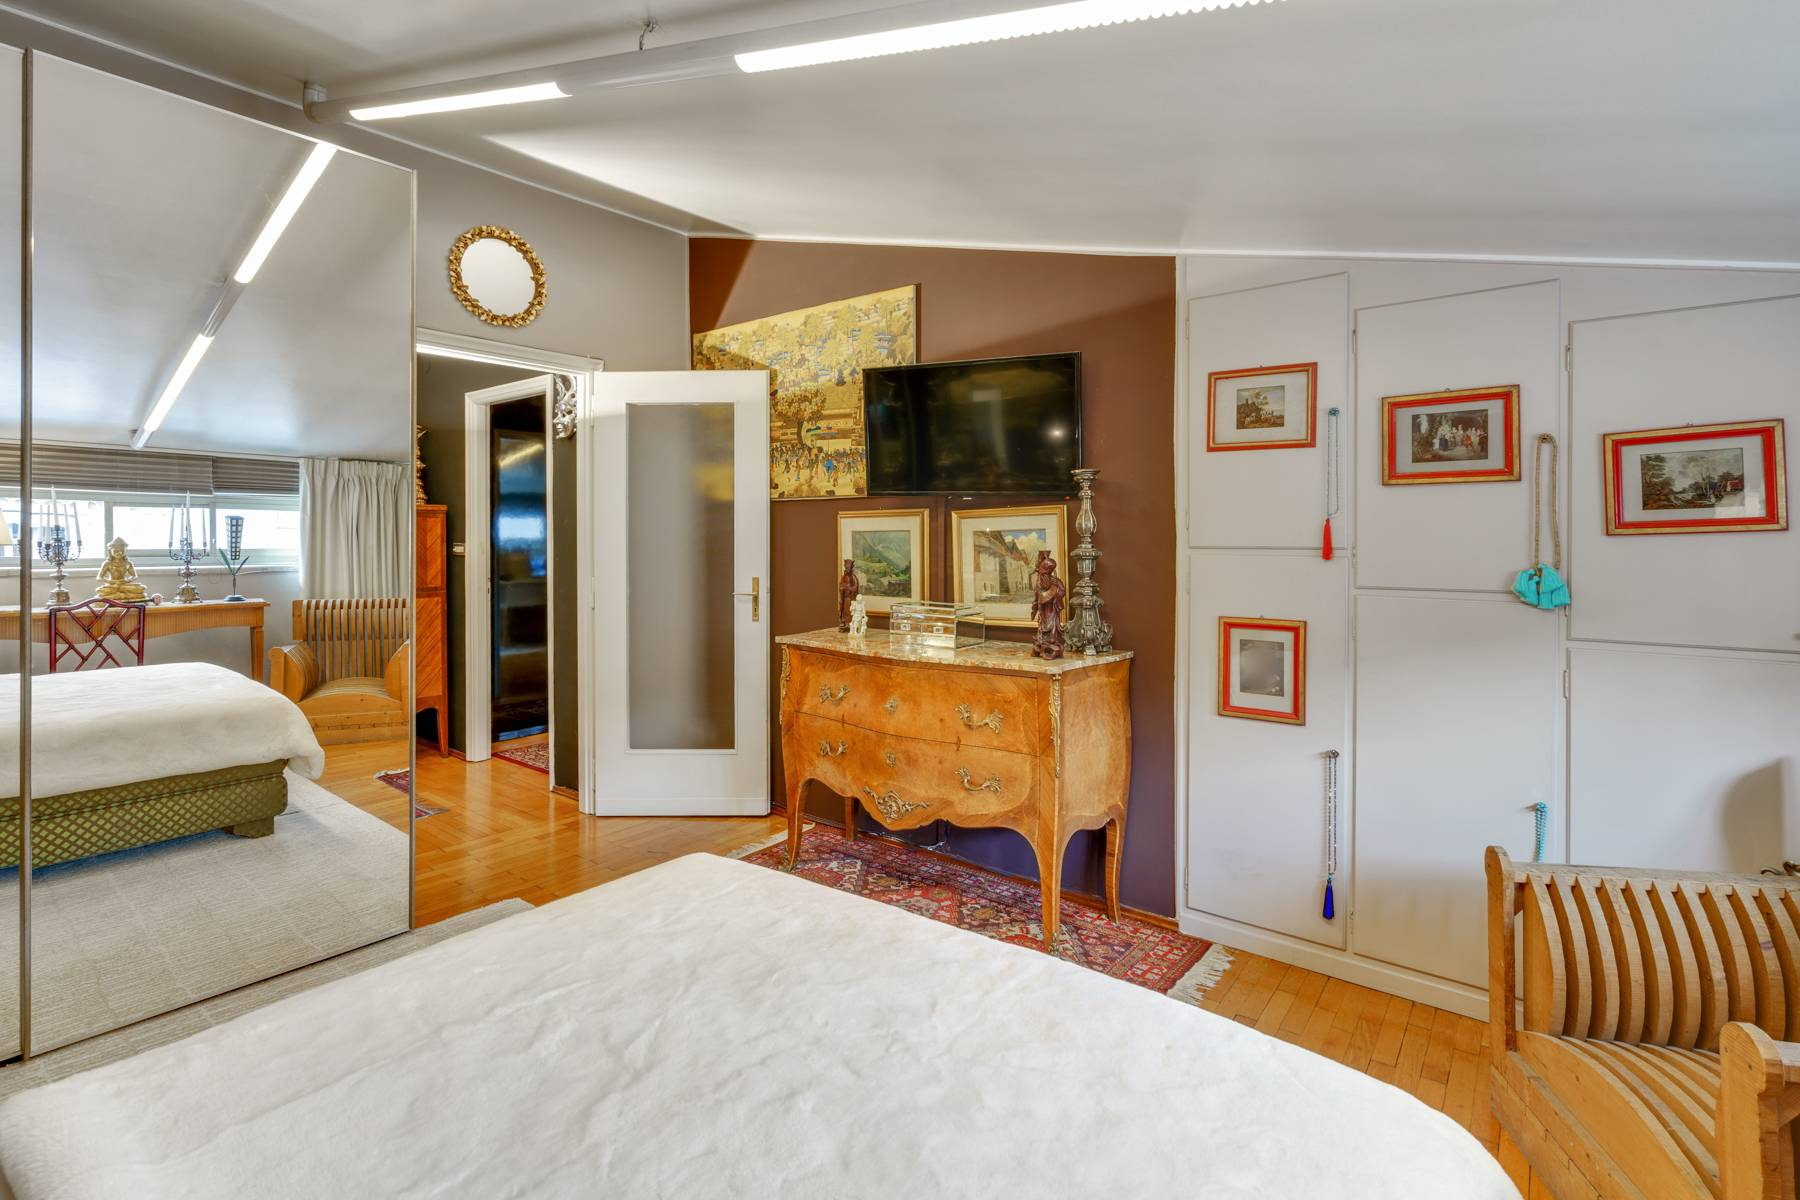 Appartamento in Vendita a Torino: 4 locali, 124 mq - Foto 16